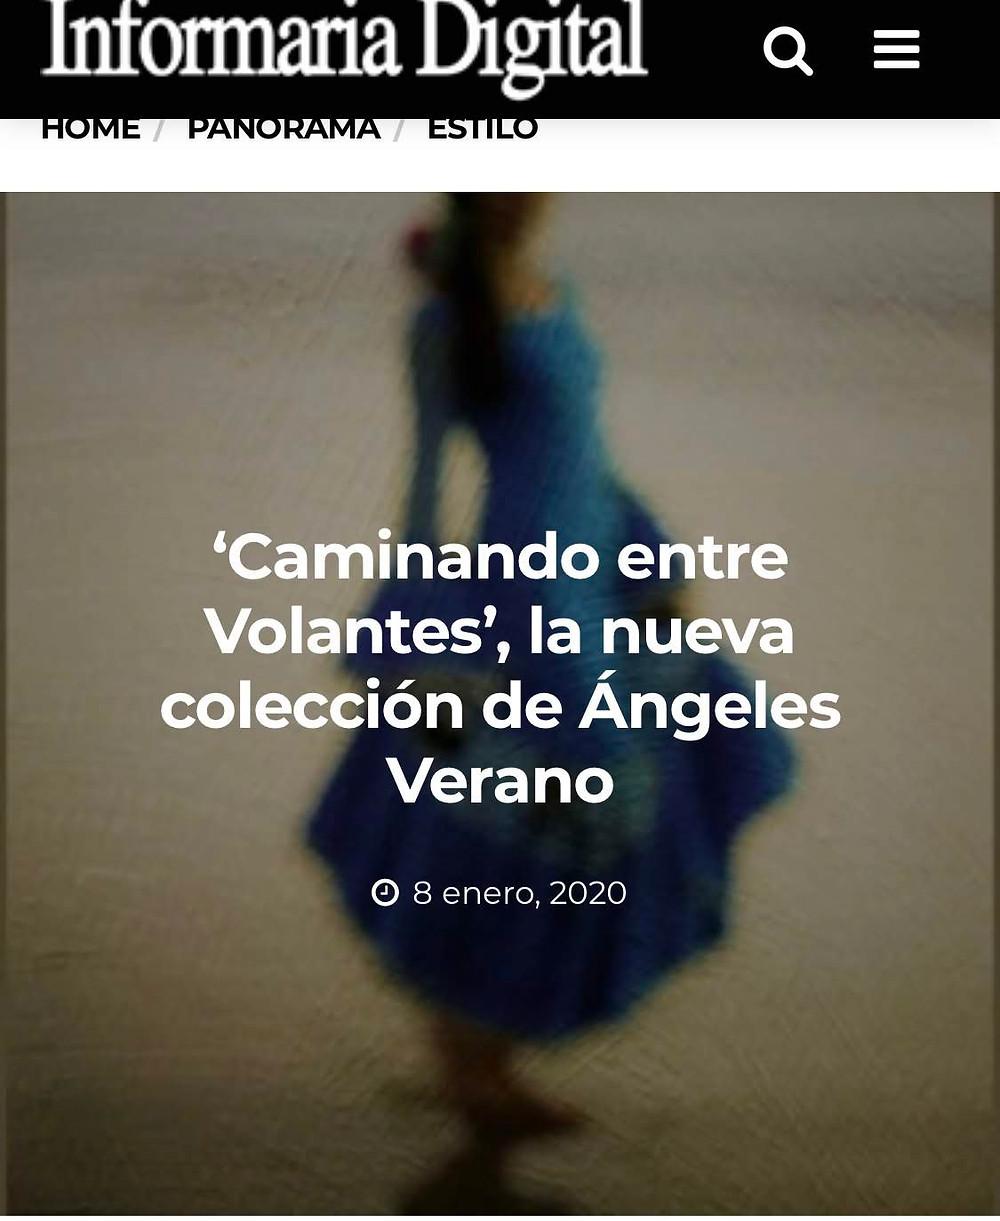 https://www.informaria.com/caminando-entre-volantes-nueva-coleccion-angeles-verano/